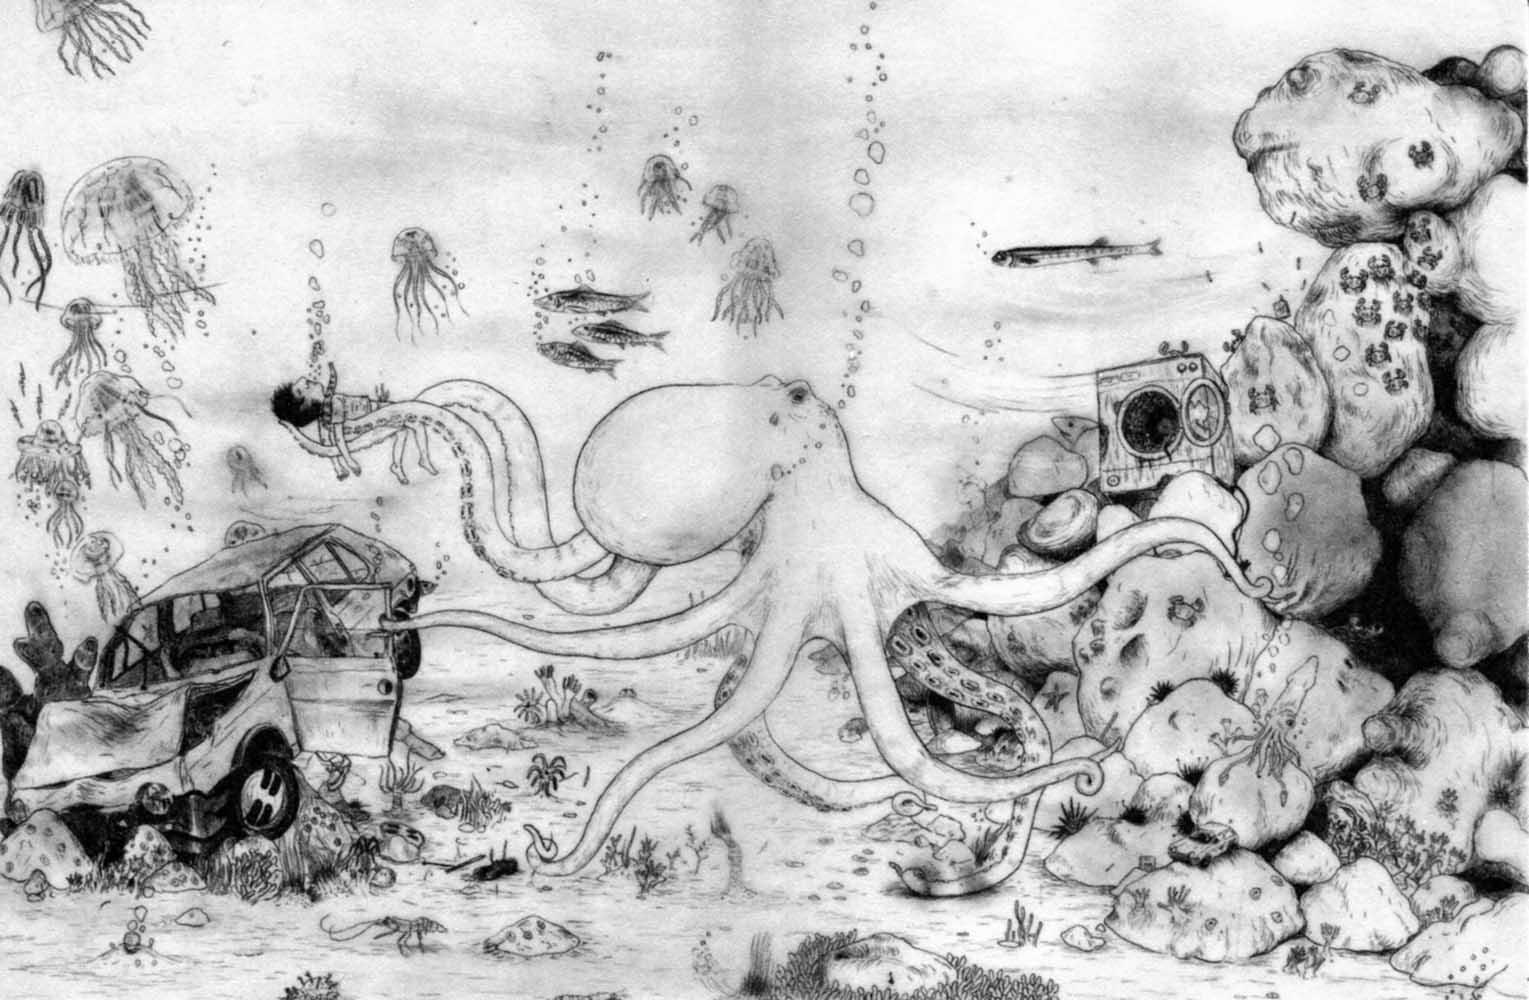 """Edo Chieregato e Michelangelo Setola, """"Dormire nel fango"""", seconda di copertina e risvolto"""